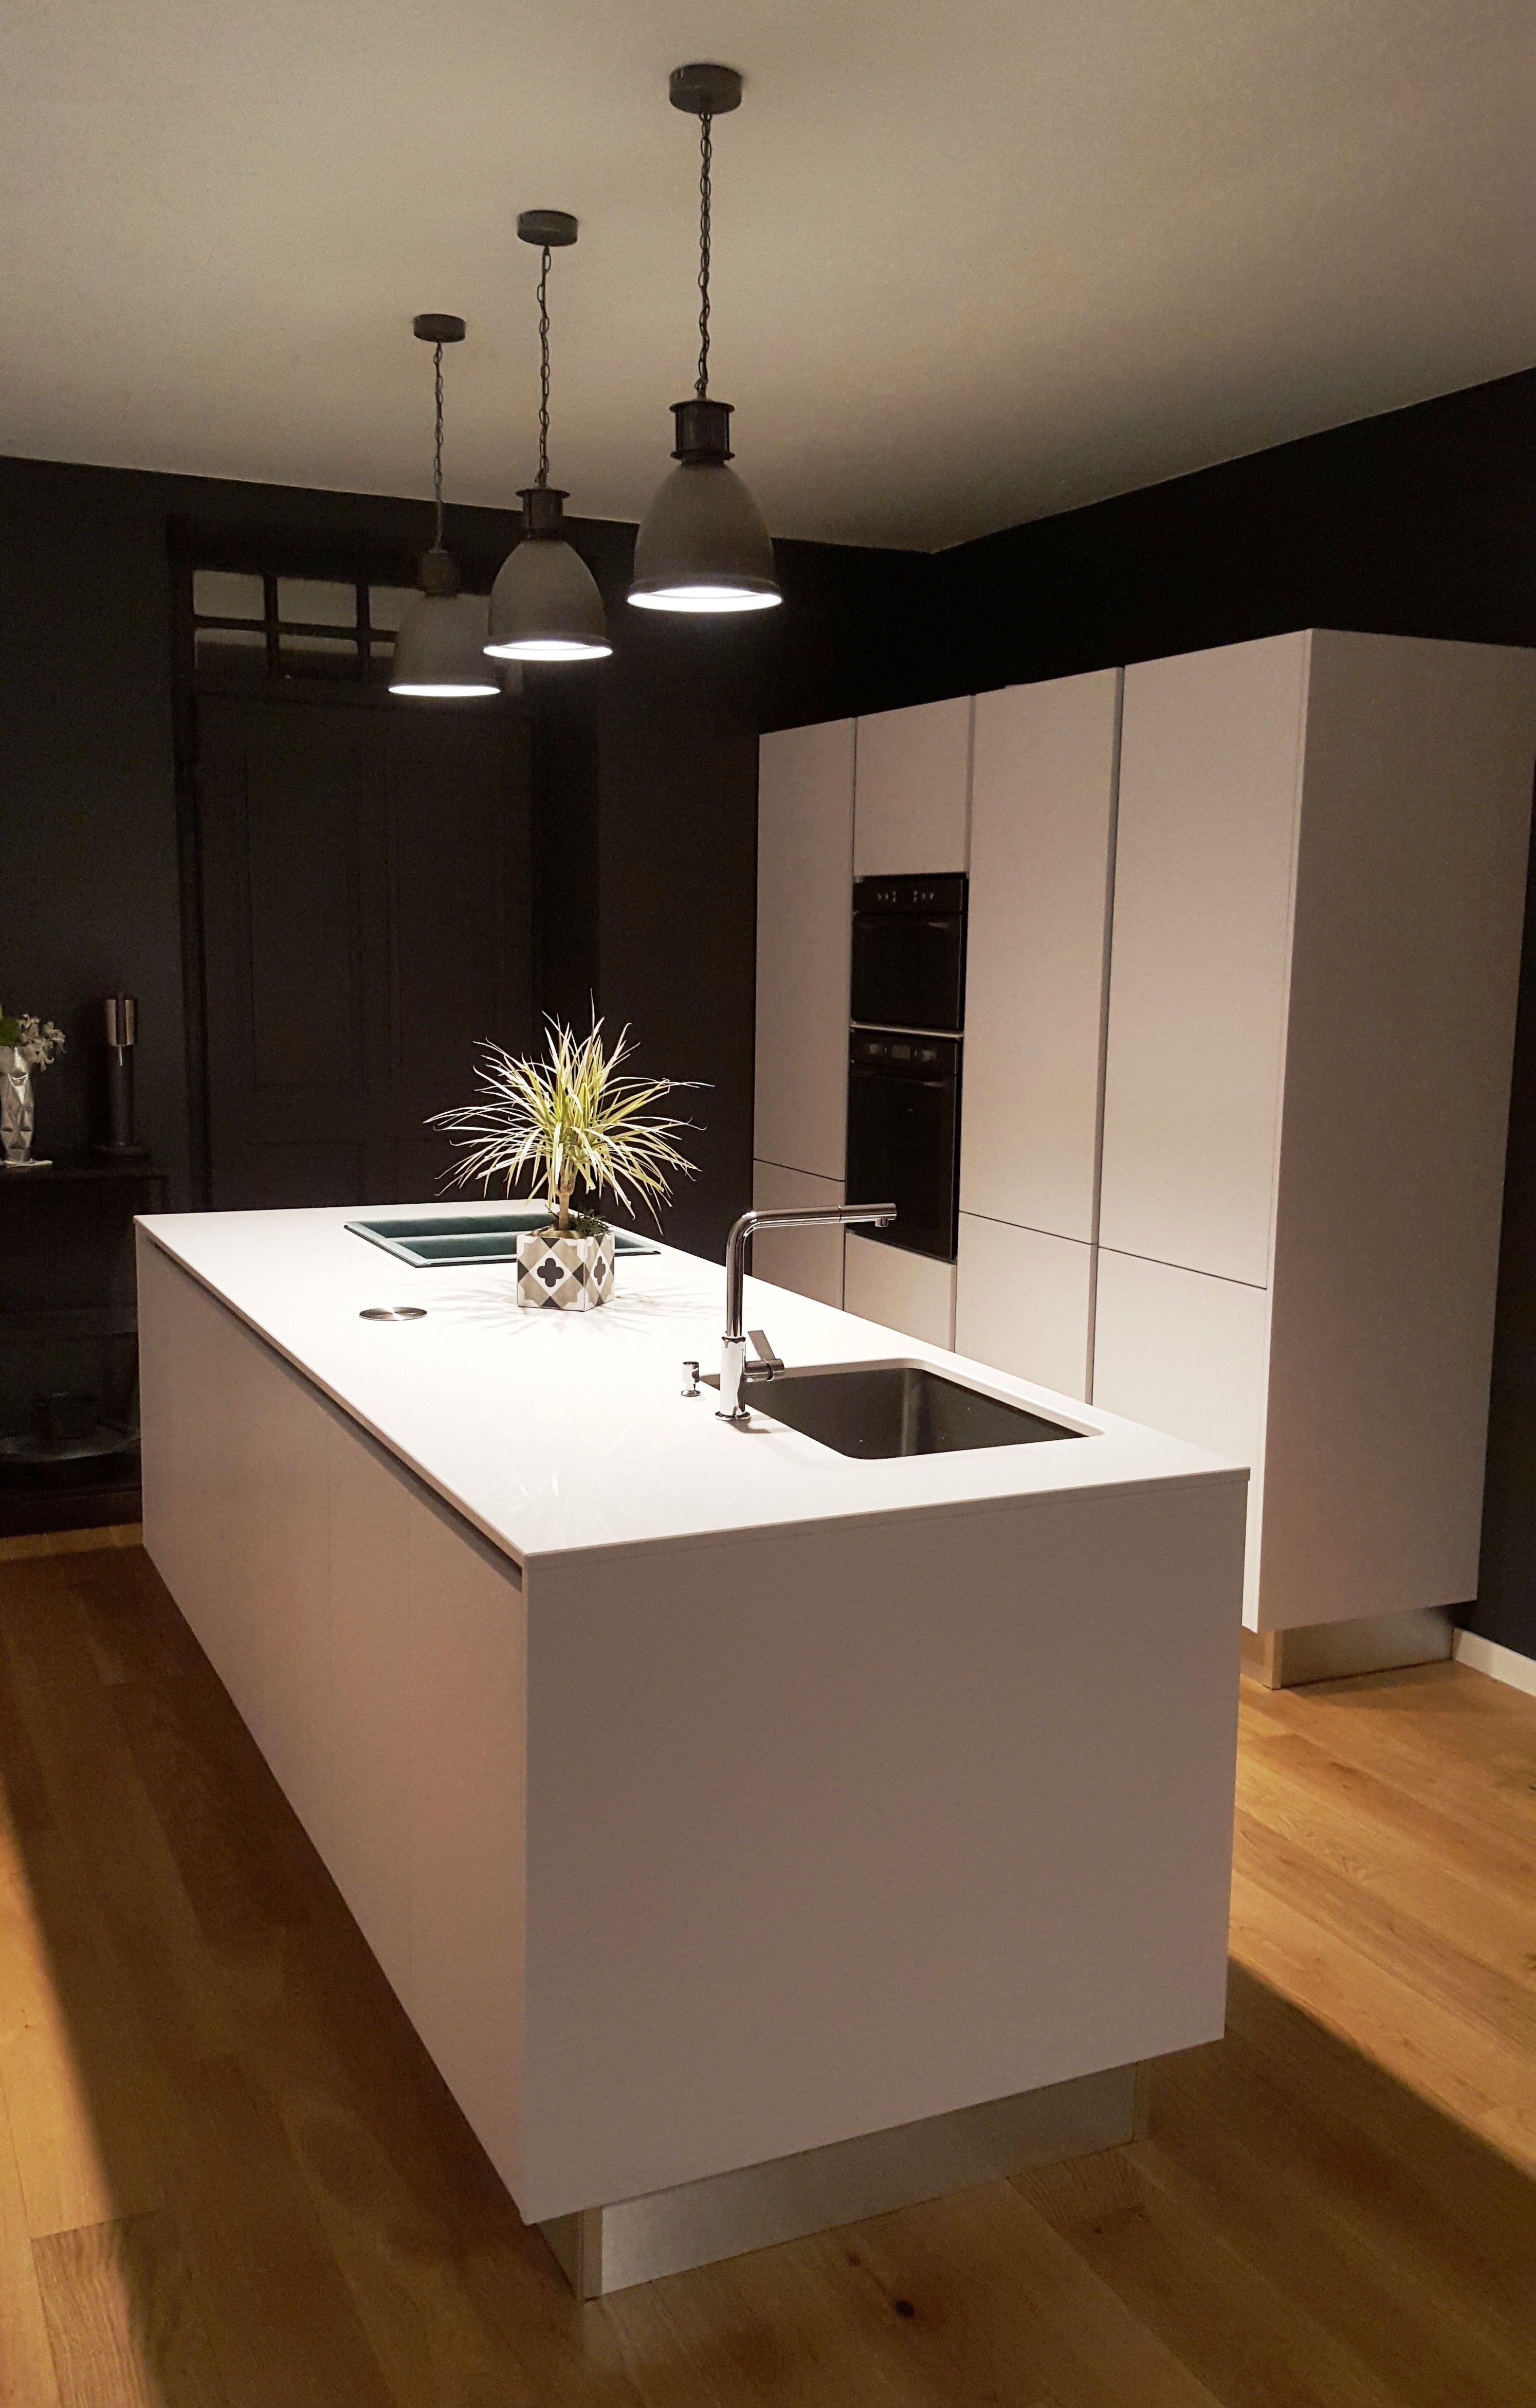 mulhouse s r nit purer et bonnet. Black Bedroom Furniture Sets. Home Design Ideas